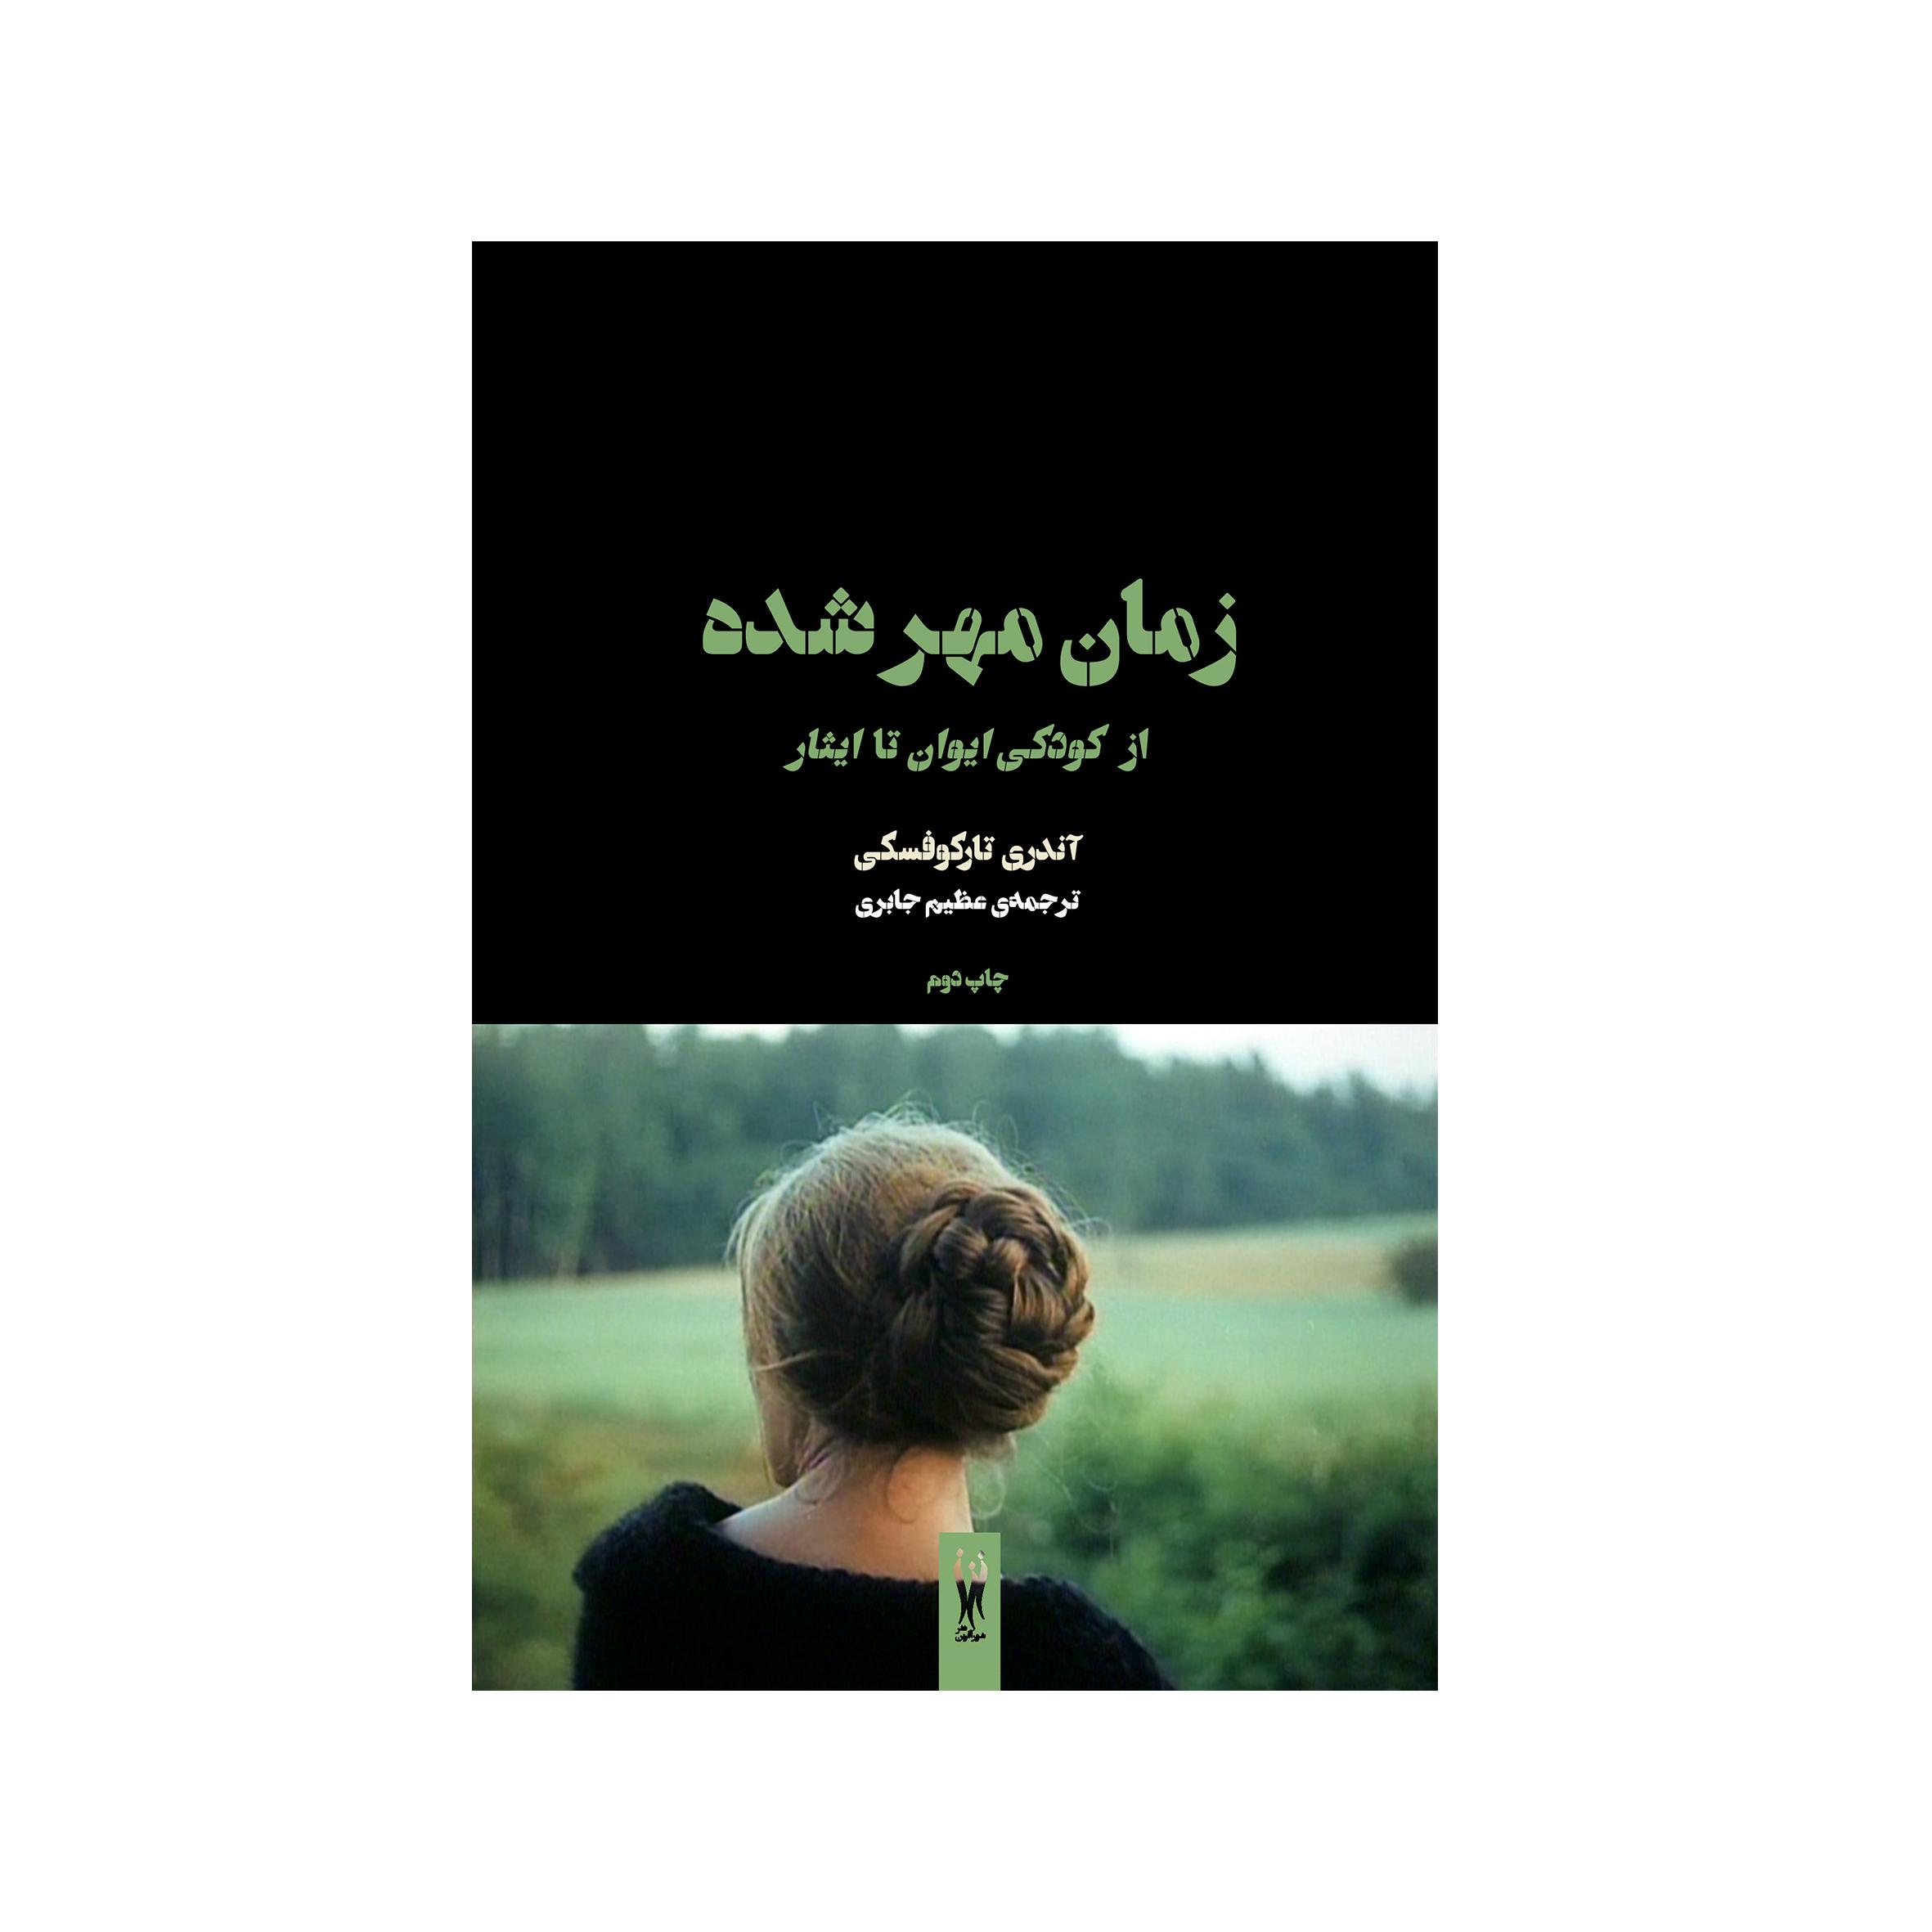 کتاب زمان مهر شده اثر آندری تارکوفسکی نشر شورآفرین